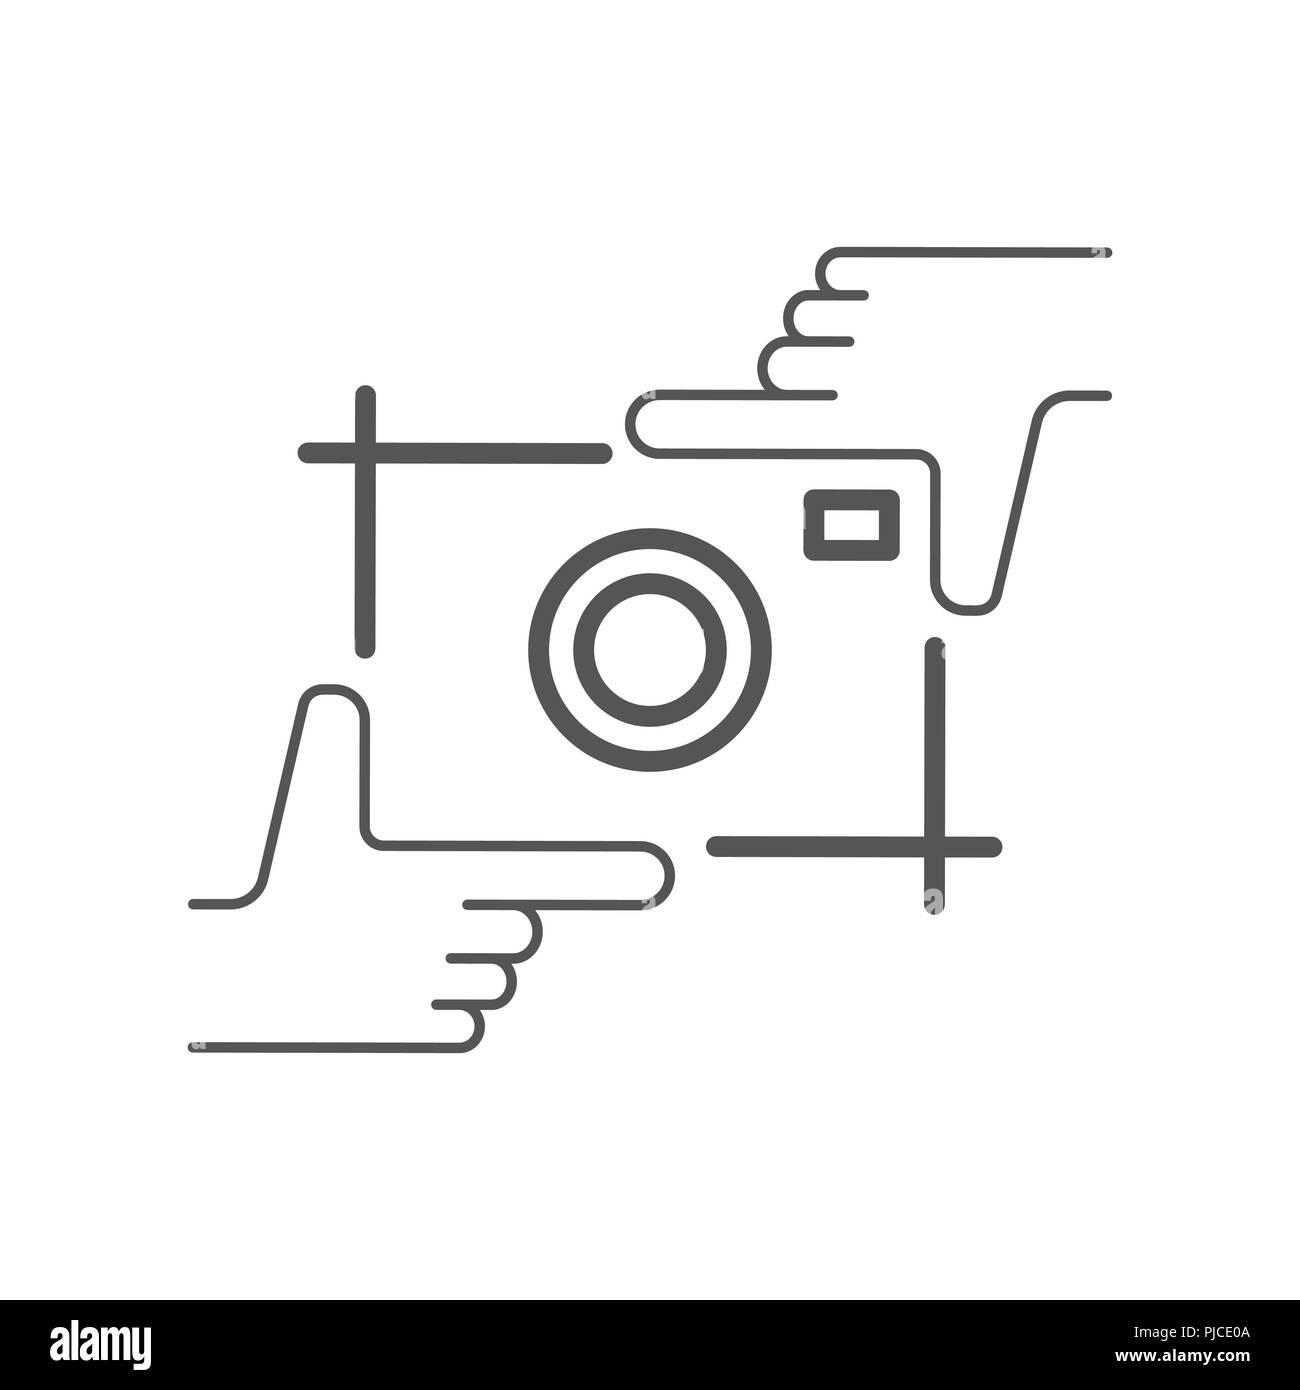 Symbole De Haute Qualite Unique Dinfo Pour La Conception Web Ou Application Mobile Ligne Fine Des Signes Chat Logo Carte Visite